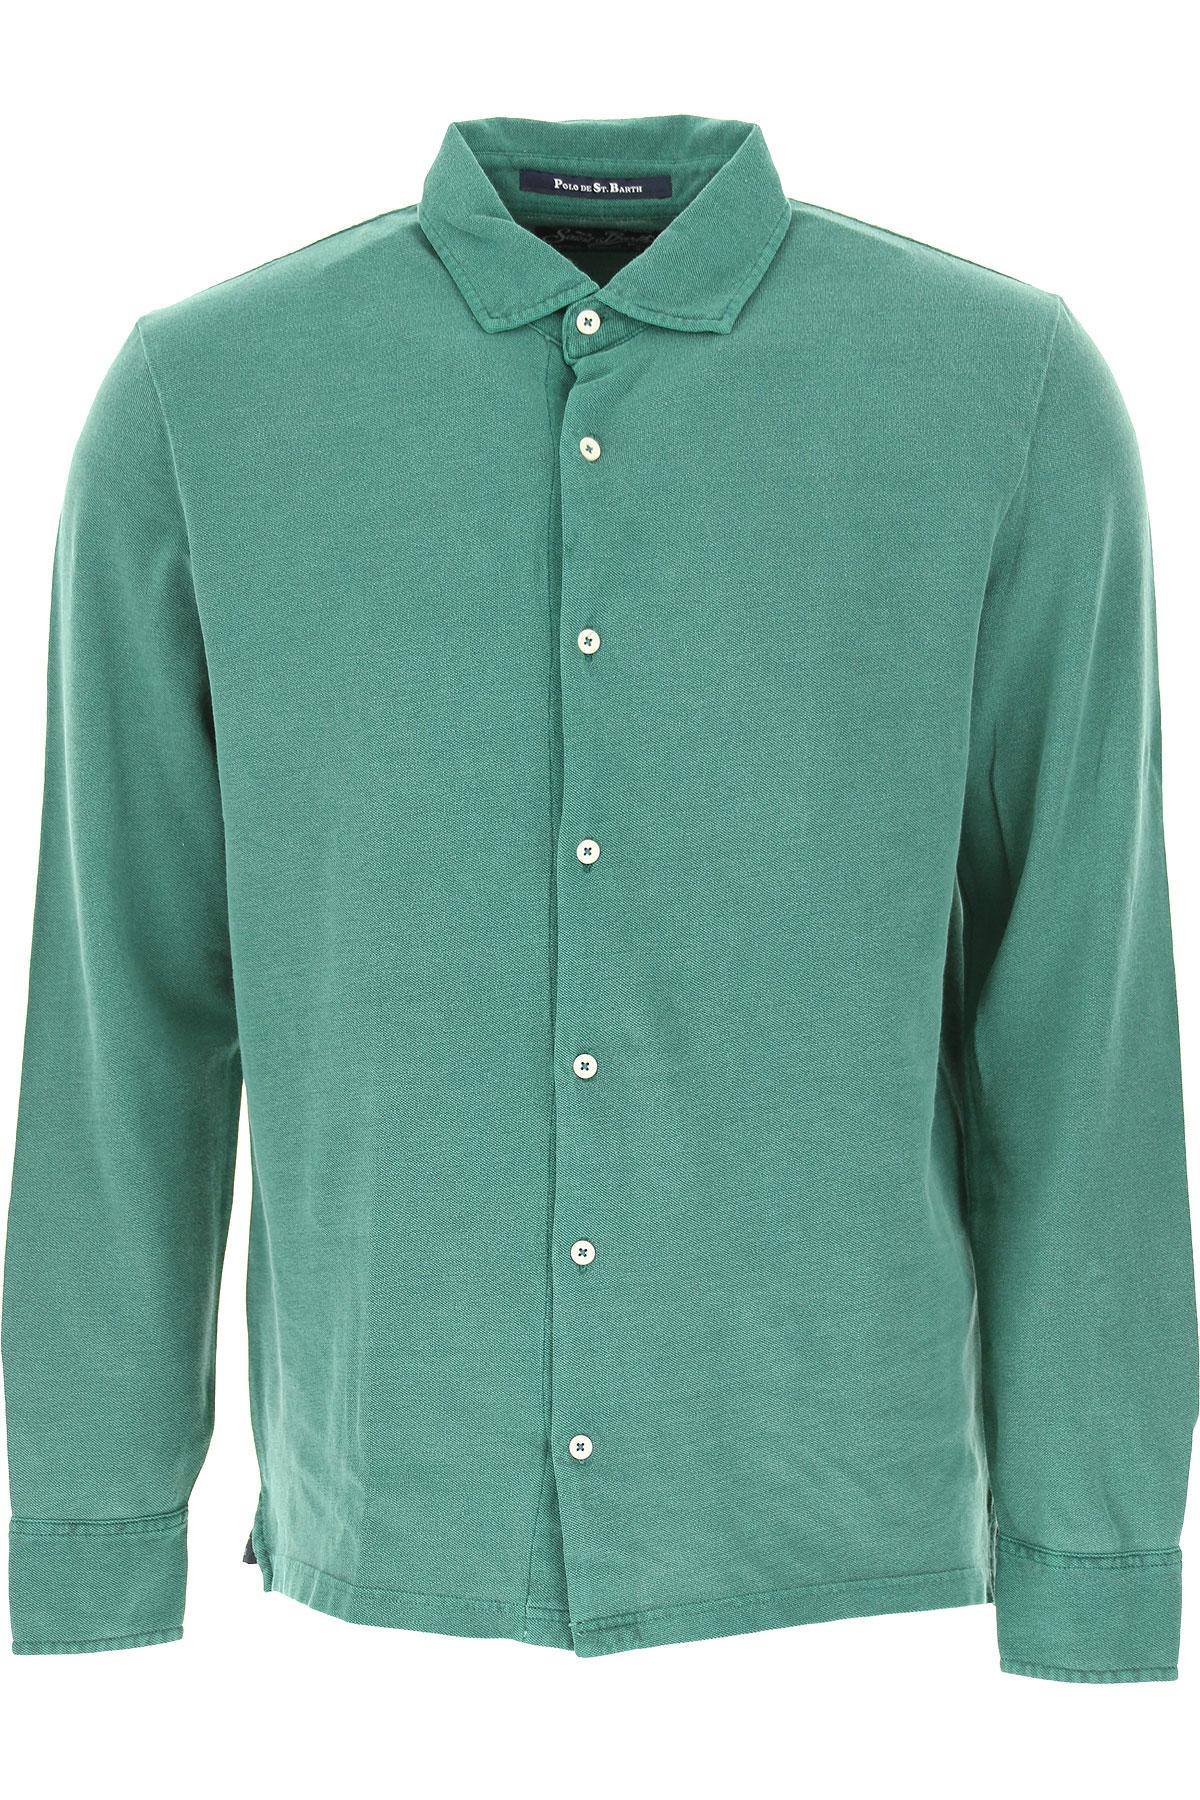 Mc2 Saint Barth Chemise Homme, Vert, Coton, 2017, L M S XL